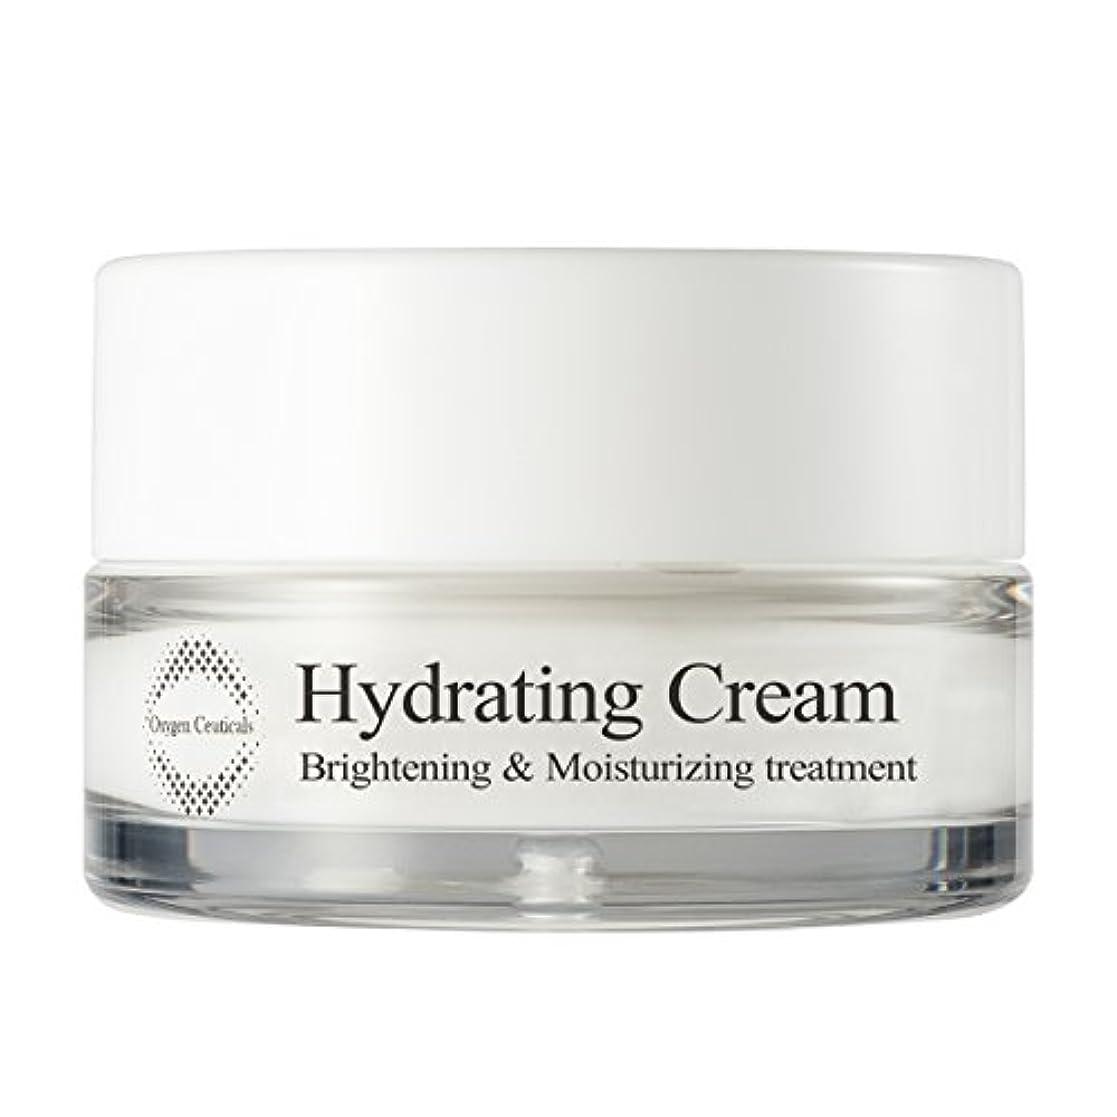 ドキュメンタリーがんばり続ける専門化する[ Oxygen Ceuticals ] オキシジェンシューティカルズ ハイドレイティング クリーム[美.白機能性] 50ml. Hydrating Cream 50ml. X Mask Pack 1p.